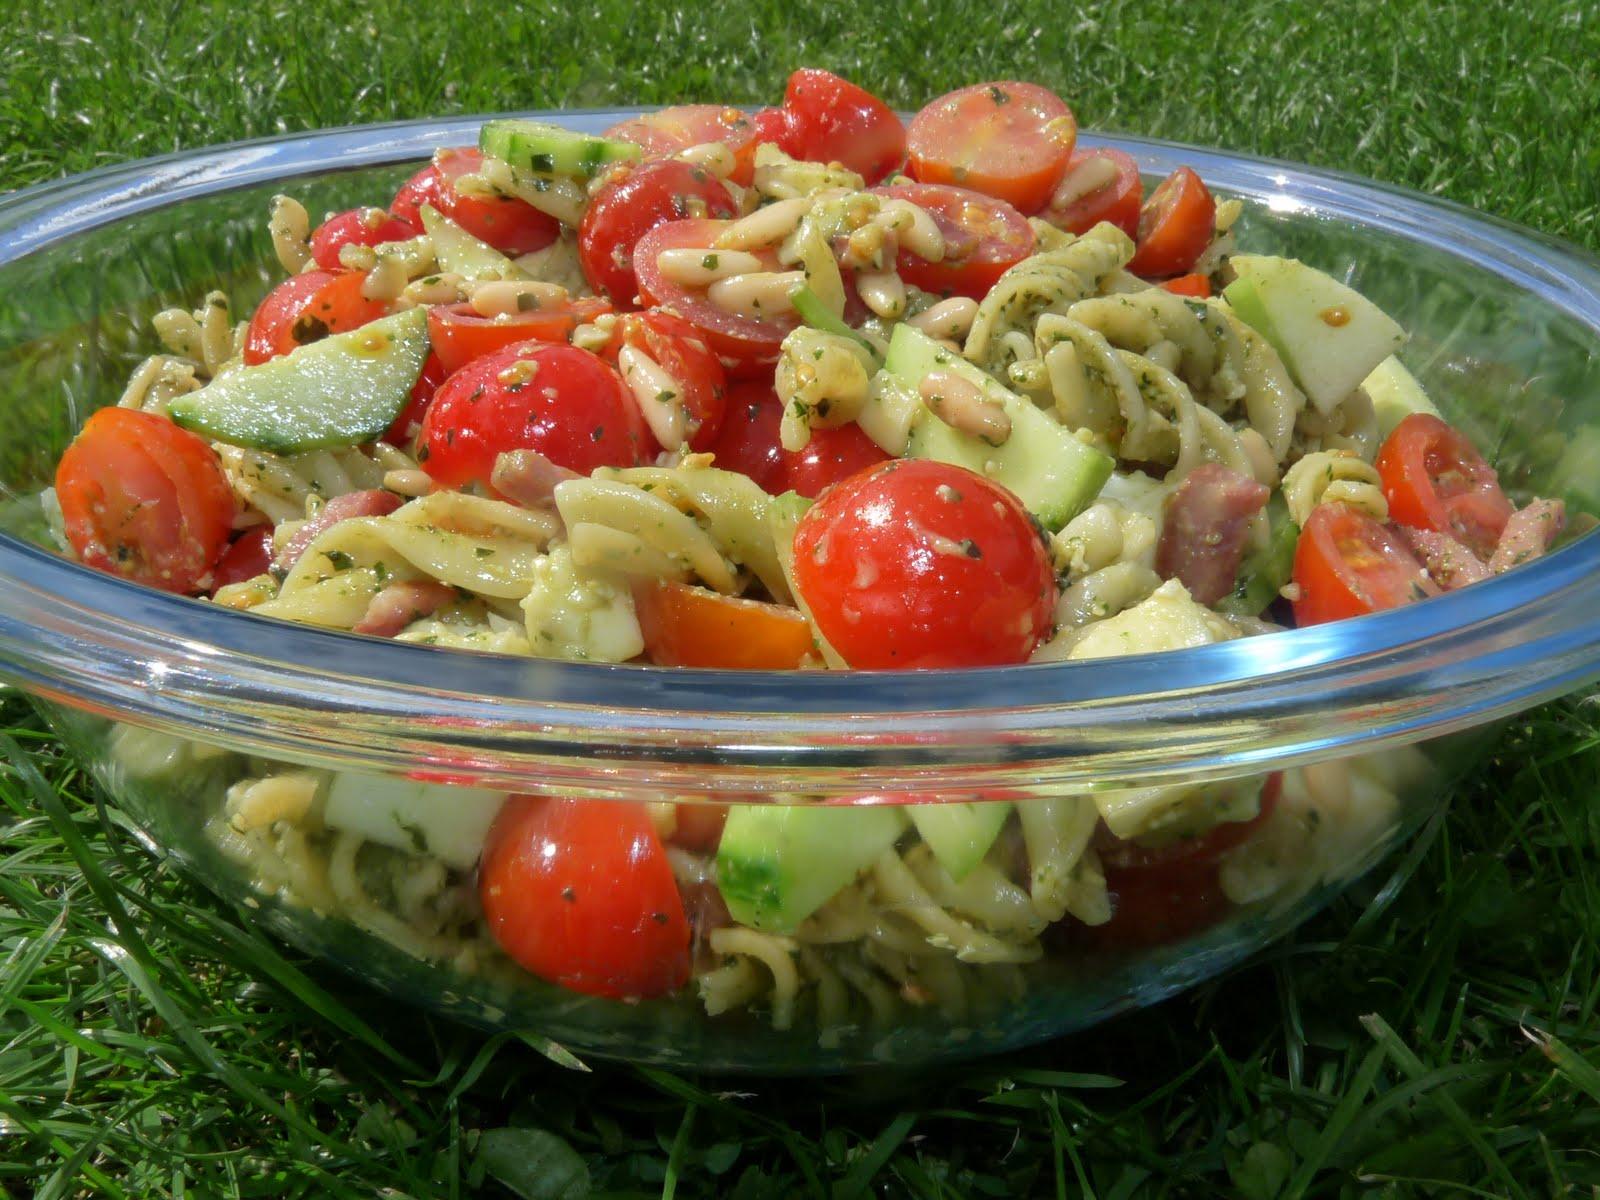 Lice et Délices: Salade de pâtes fusilli au pesto vert - Salade Pates Pesto